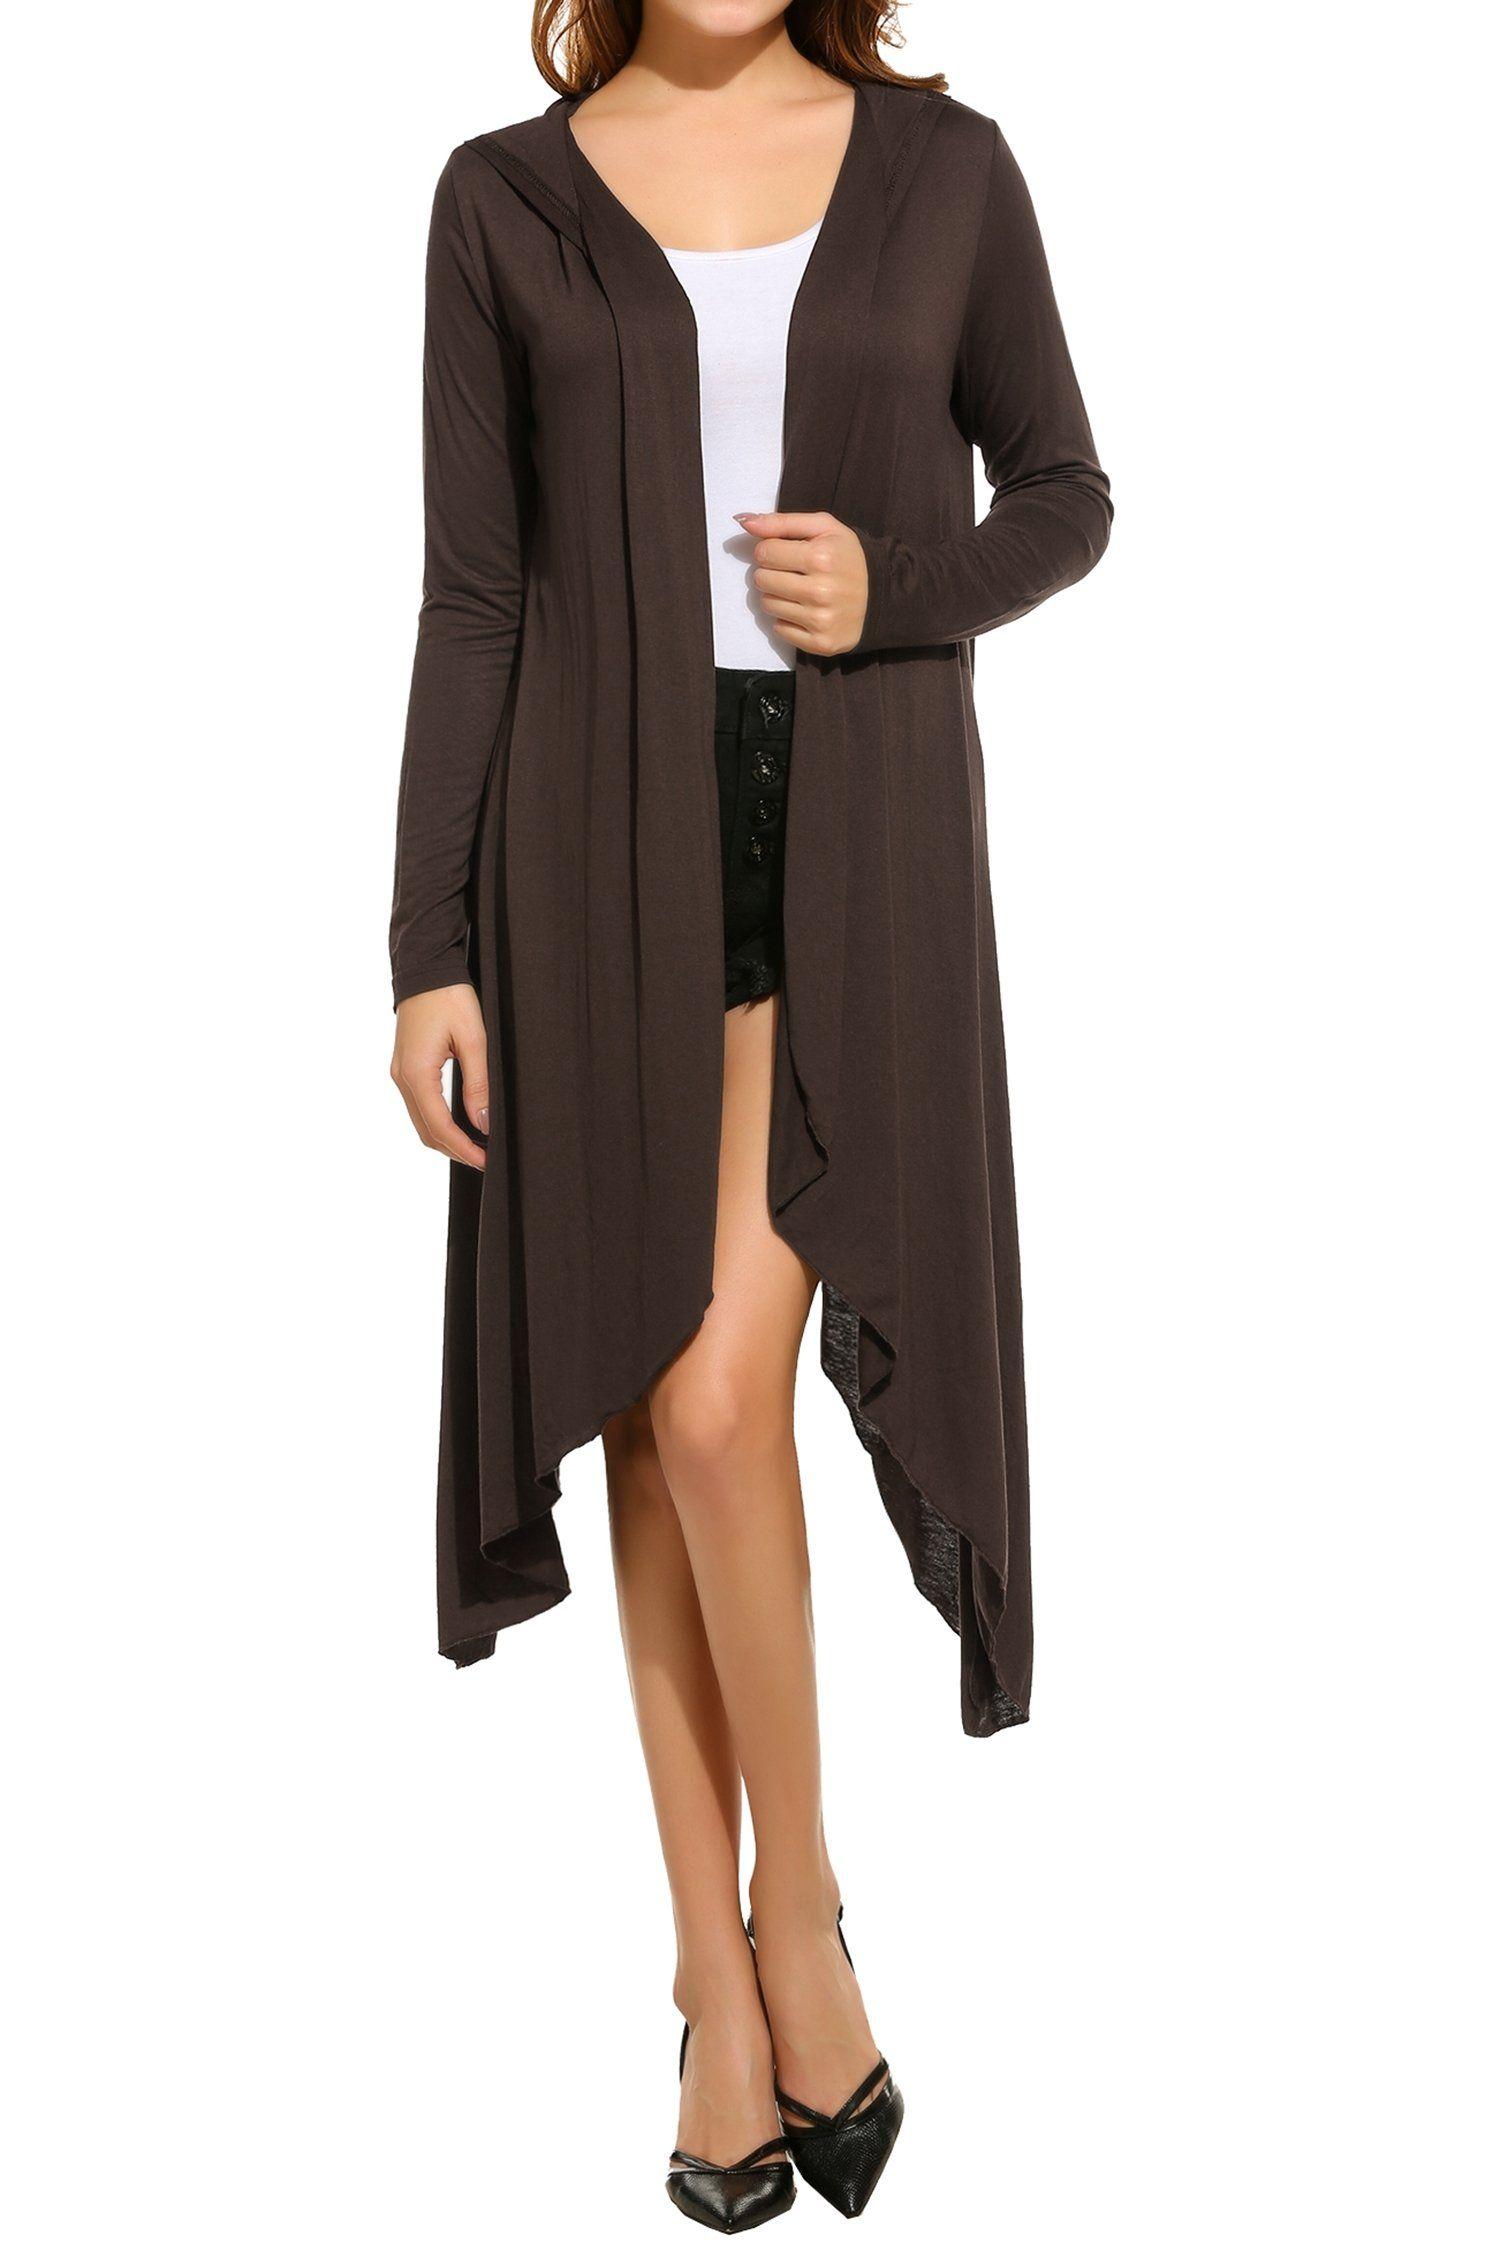 Meaneor Meaneor Women's Basic Long Sleeve Drape Open Long Maxi ...